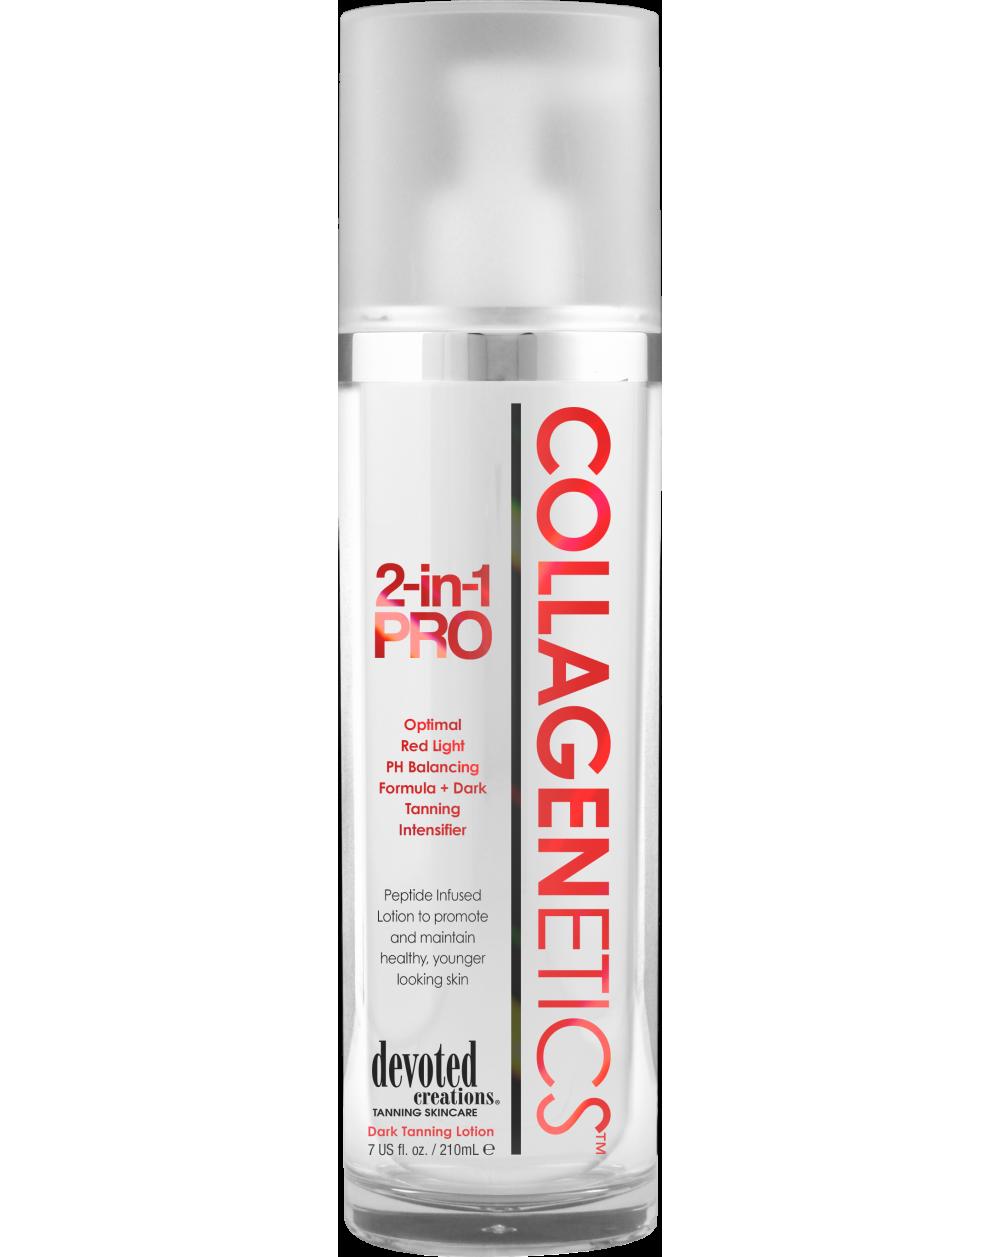 Collagenetics 2in1 PRO ™-Pagrindinis-Veido / kūno priežiūros